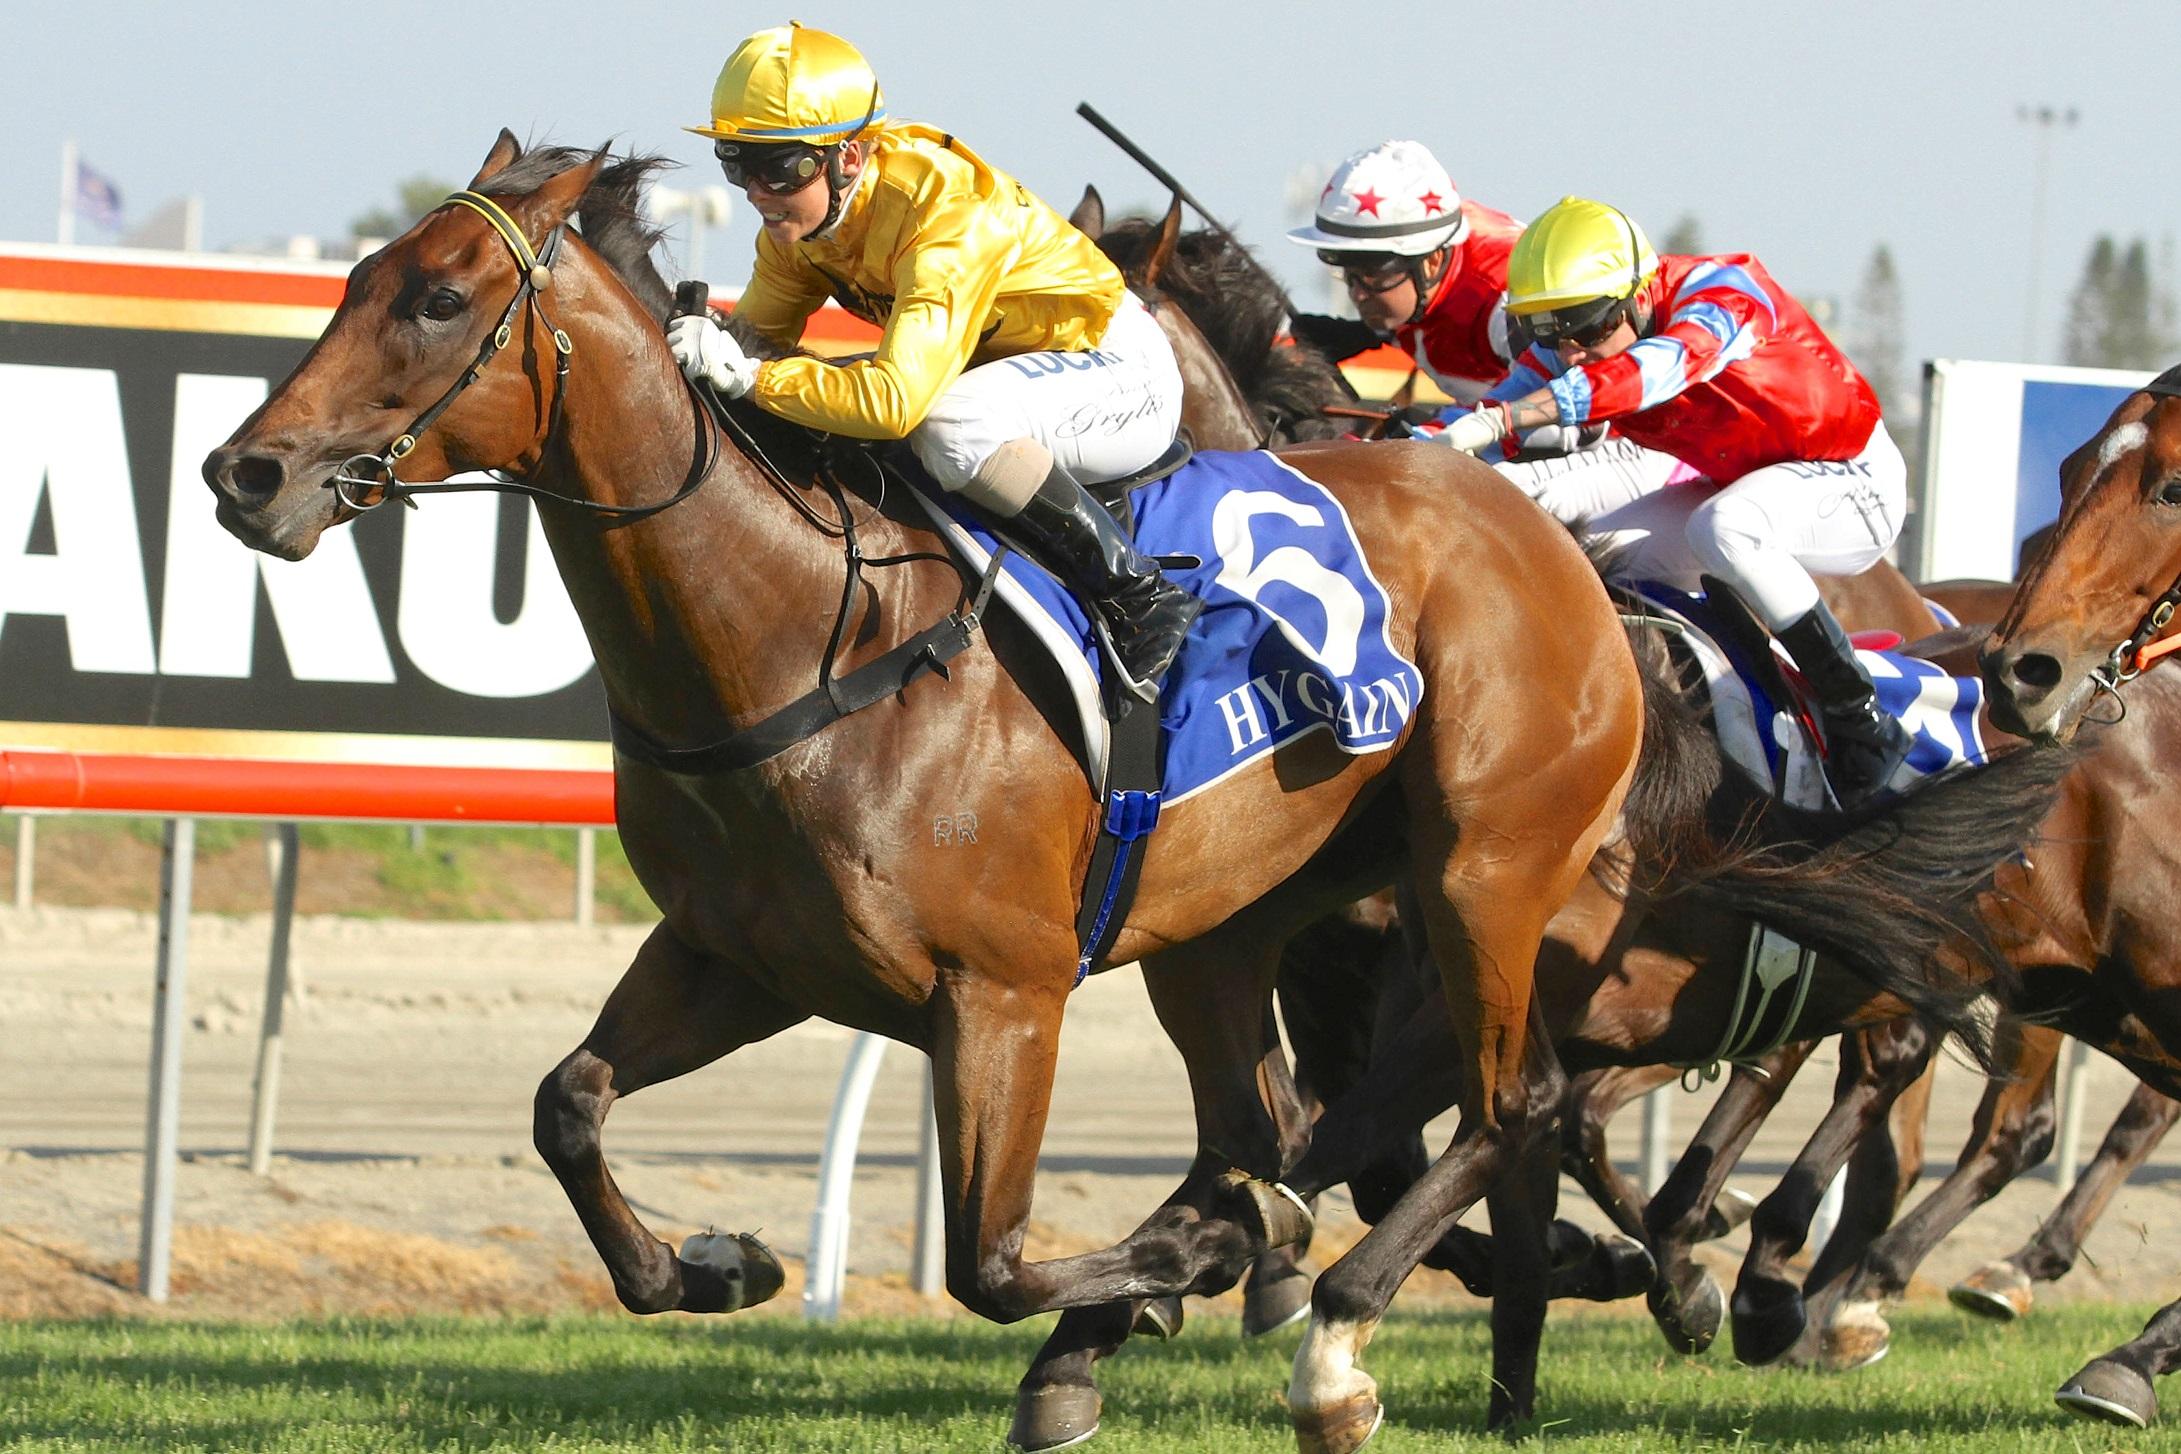 At Yarışı Bahis Siteleri